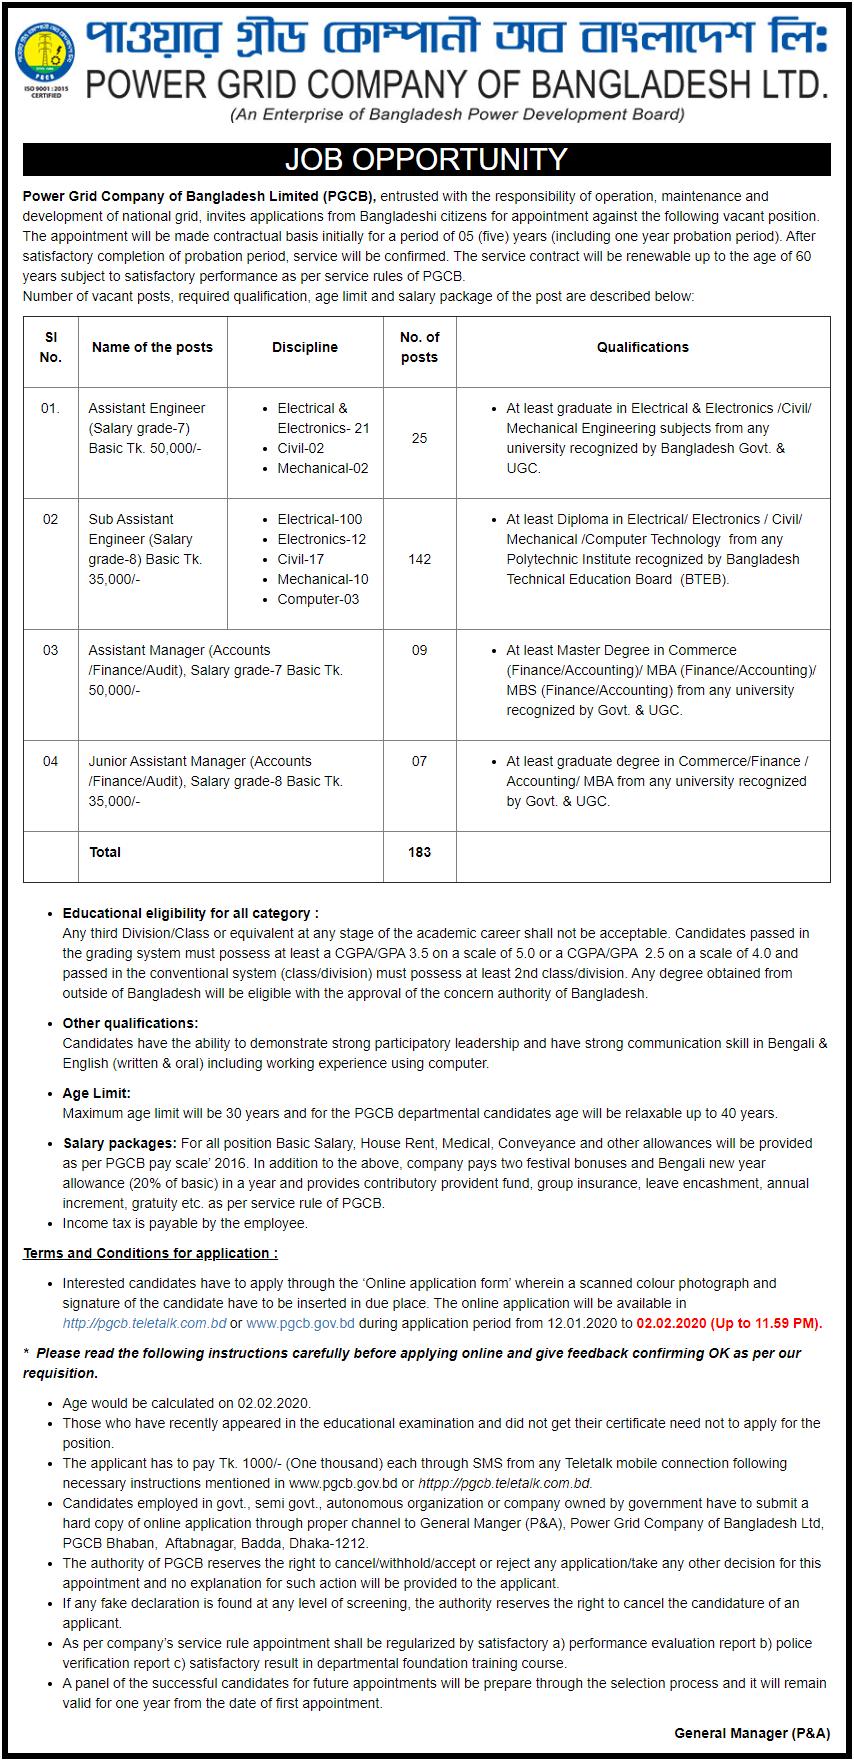 PGCB Job Circular 2020